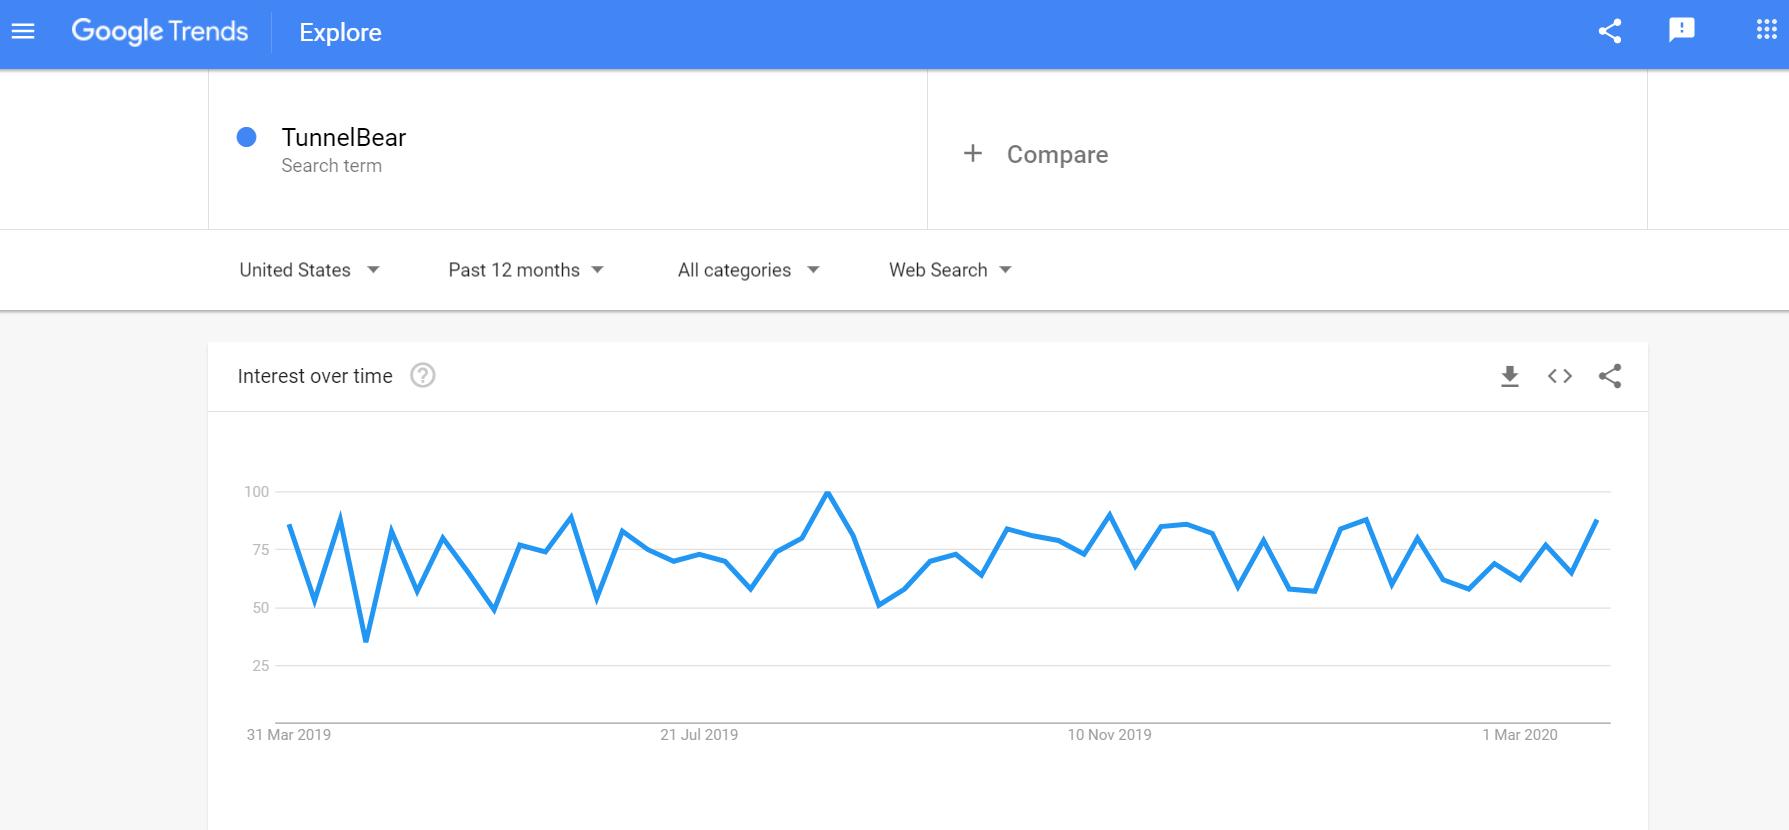 TunnelBear VPN Trends